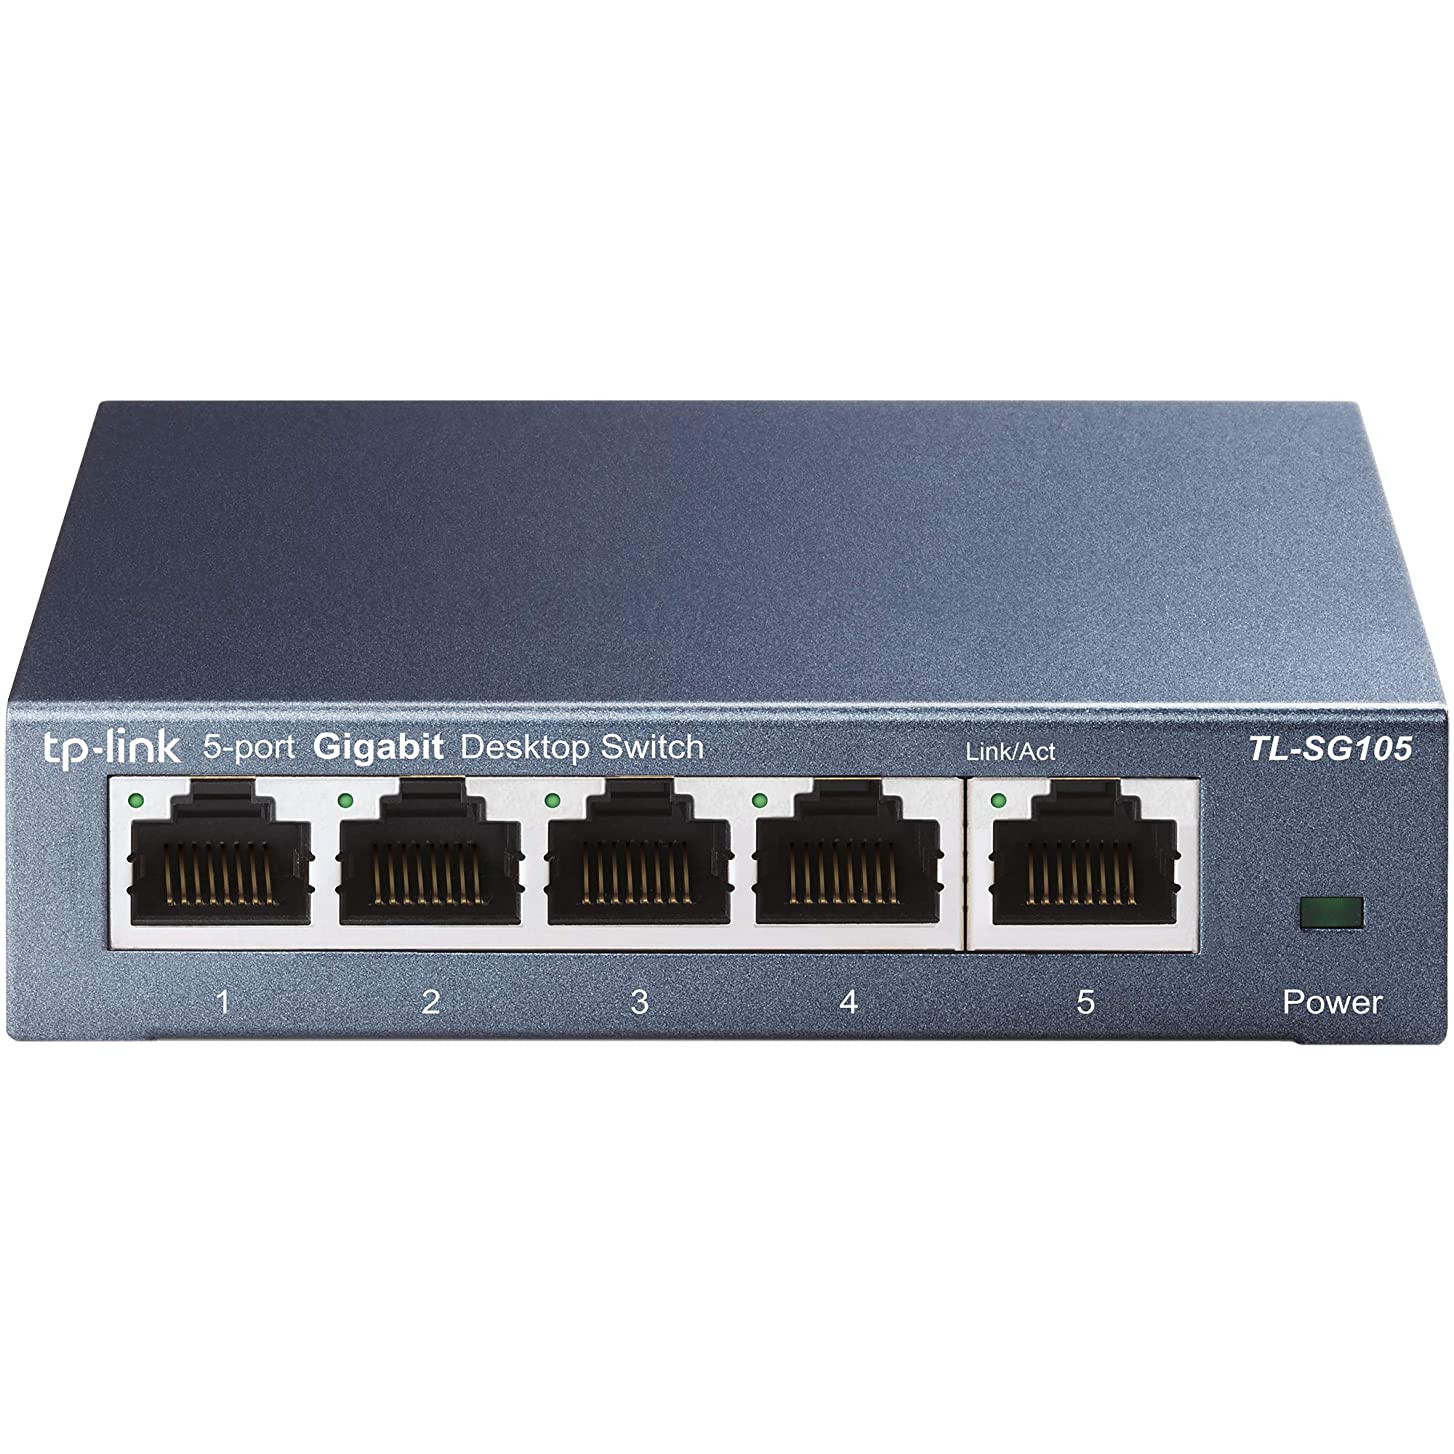 初心者押し下げる【Amazon.co.jp限定】TP-Link 5ポート スイッチングハブ 10/100/1000Mbps ギガビット 金属筺体 設定不要 ライフタイム保証 TL-SG105V4.0